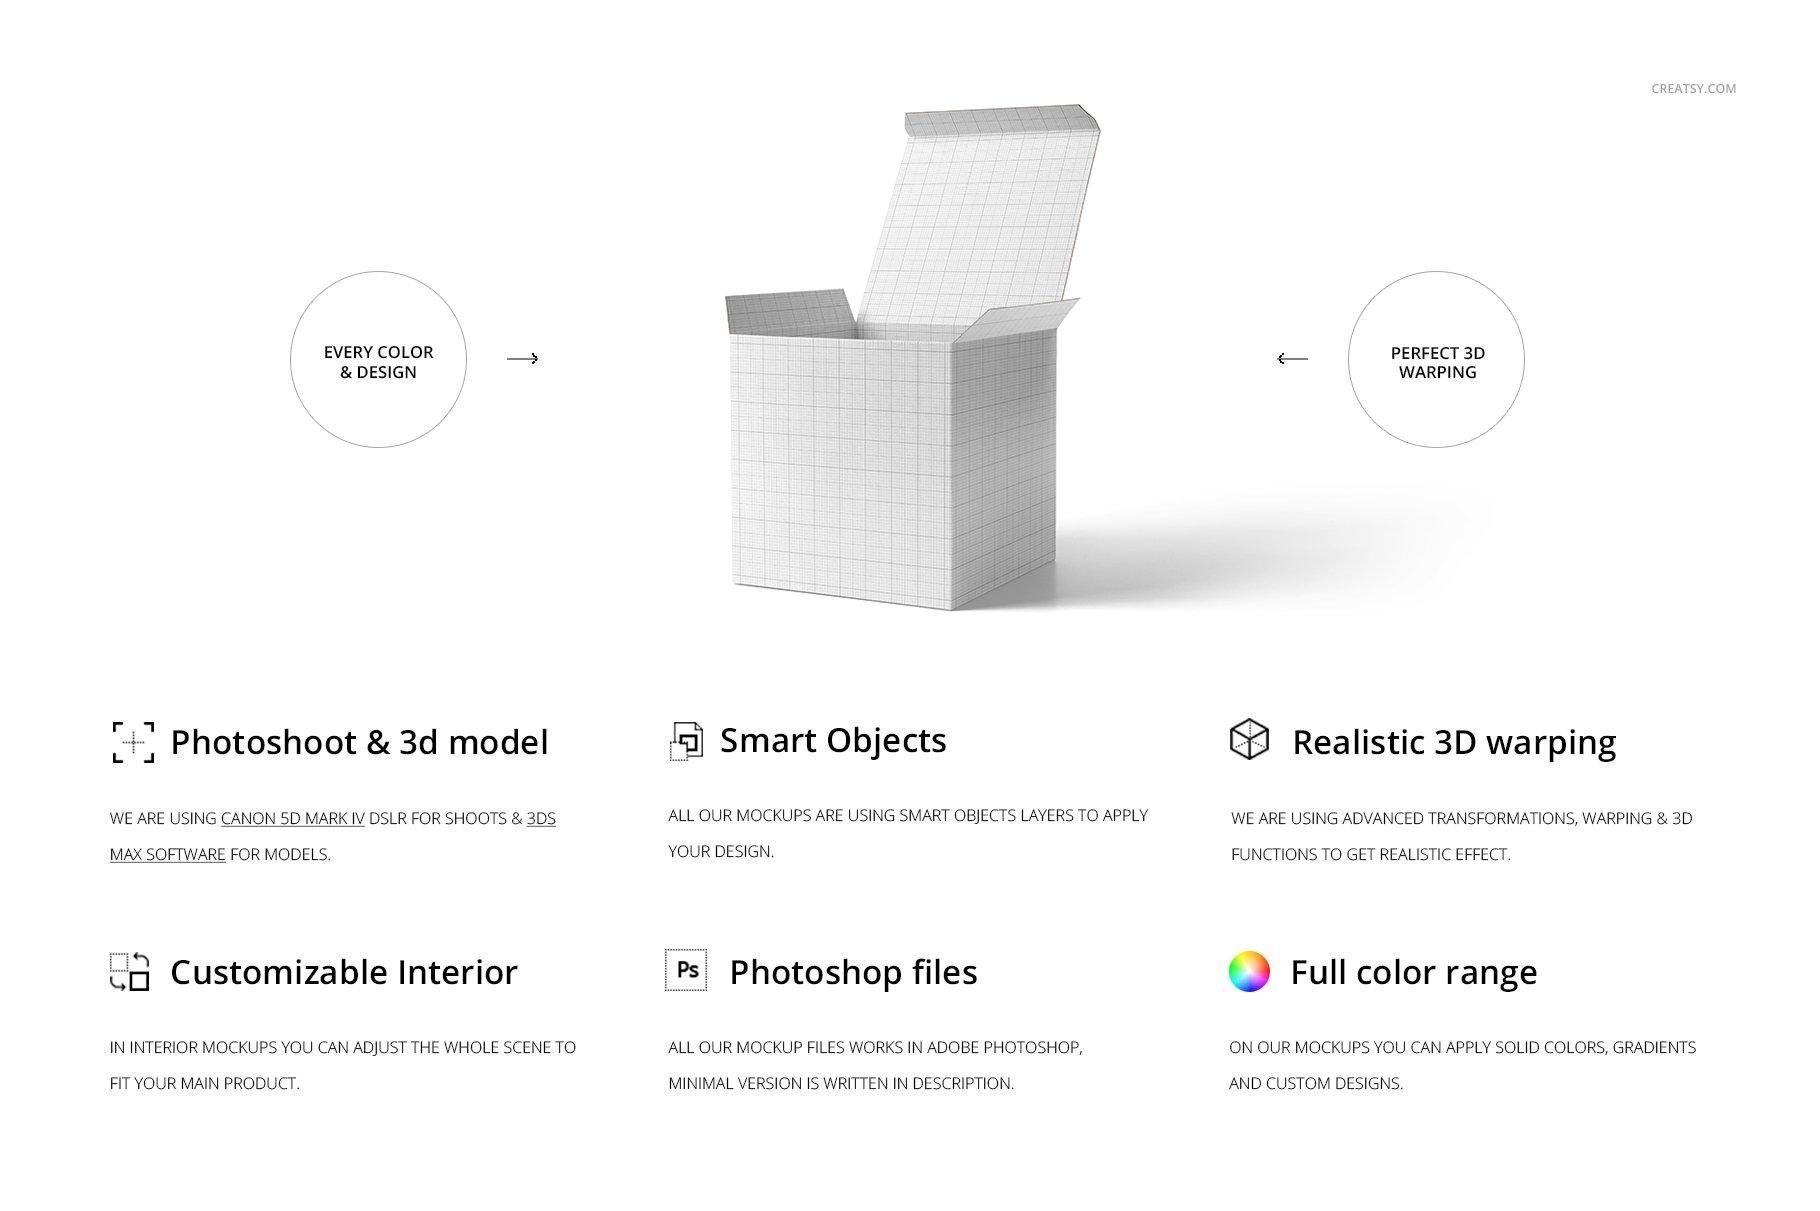 方形哑光产品礼品包装纸盒设计贴图样机套装 Matte Gift Square Box Mockup Set插图(1)